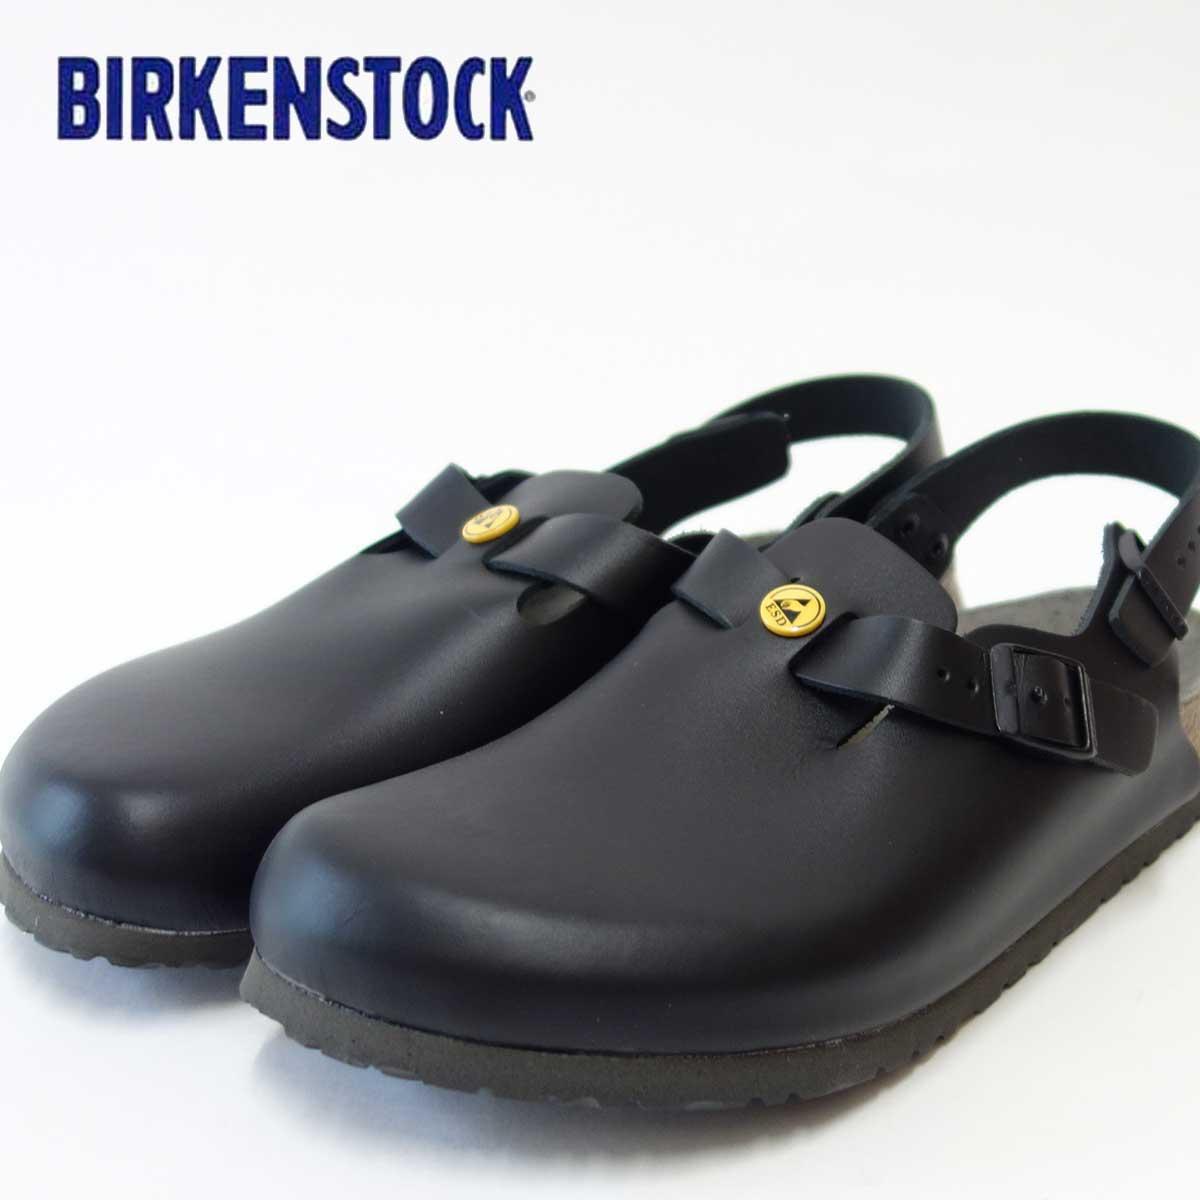 BIRKENSTOCK ビルケンシュトック プロフェッショナル<BR> Tokio(トキオ) ESD 帯電消散機能付き 061408 ブラック(レディース)ナチュラルな天然皮革アッパー<BR>「靴」サンダル ALPRO アルプロ 医療機関用